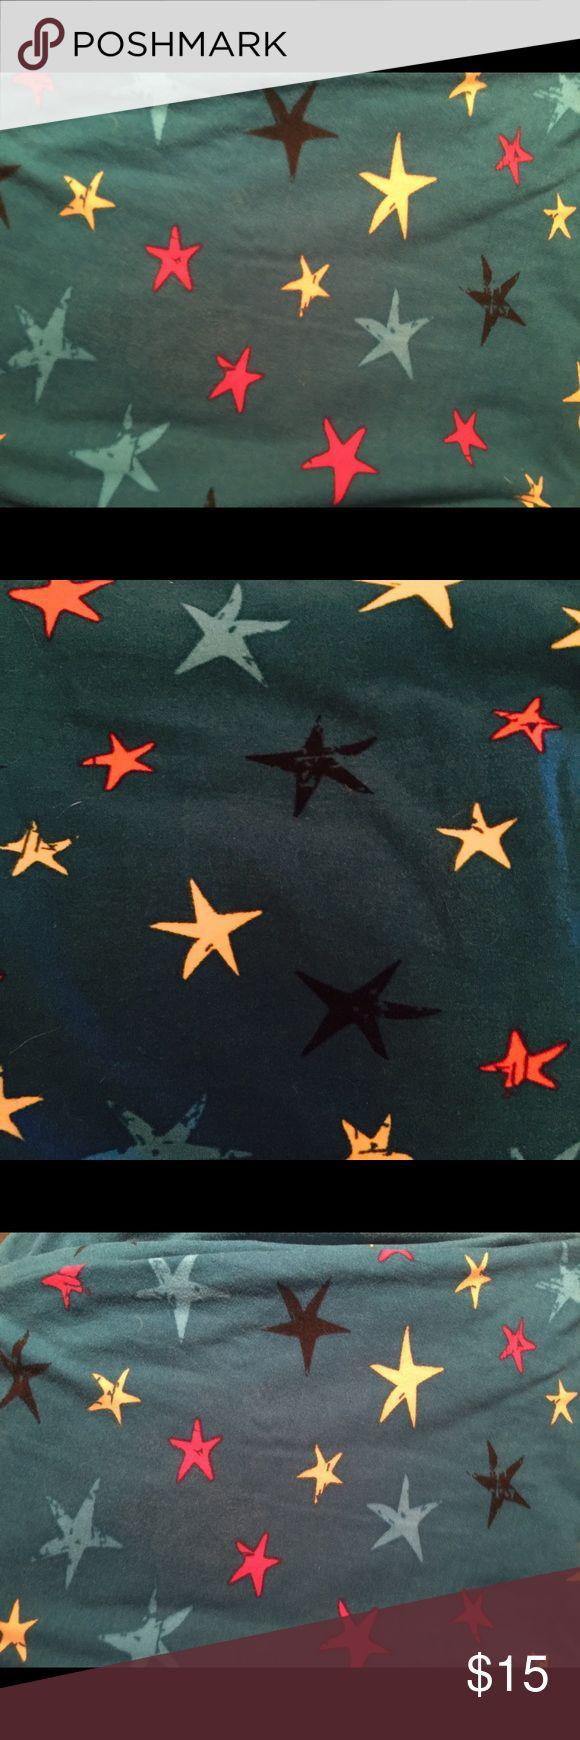 TC LULAROE STAR LEGGINGS TEAL BASE PINK YELLOW BLK TC LULAROE STAR LEGGINGS TEAL BASE PINK YELLOW BLK STARS. TEAL BASE LuLaRoe Pants Leggings